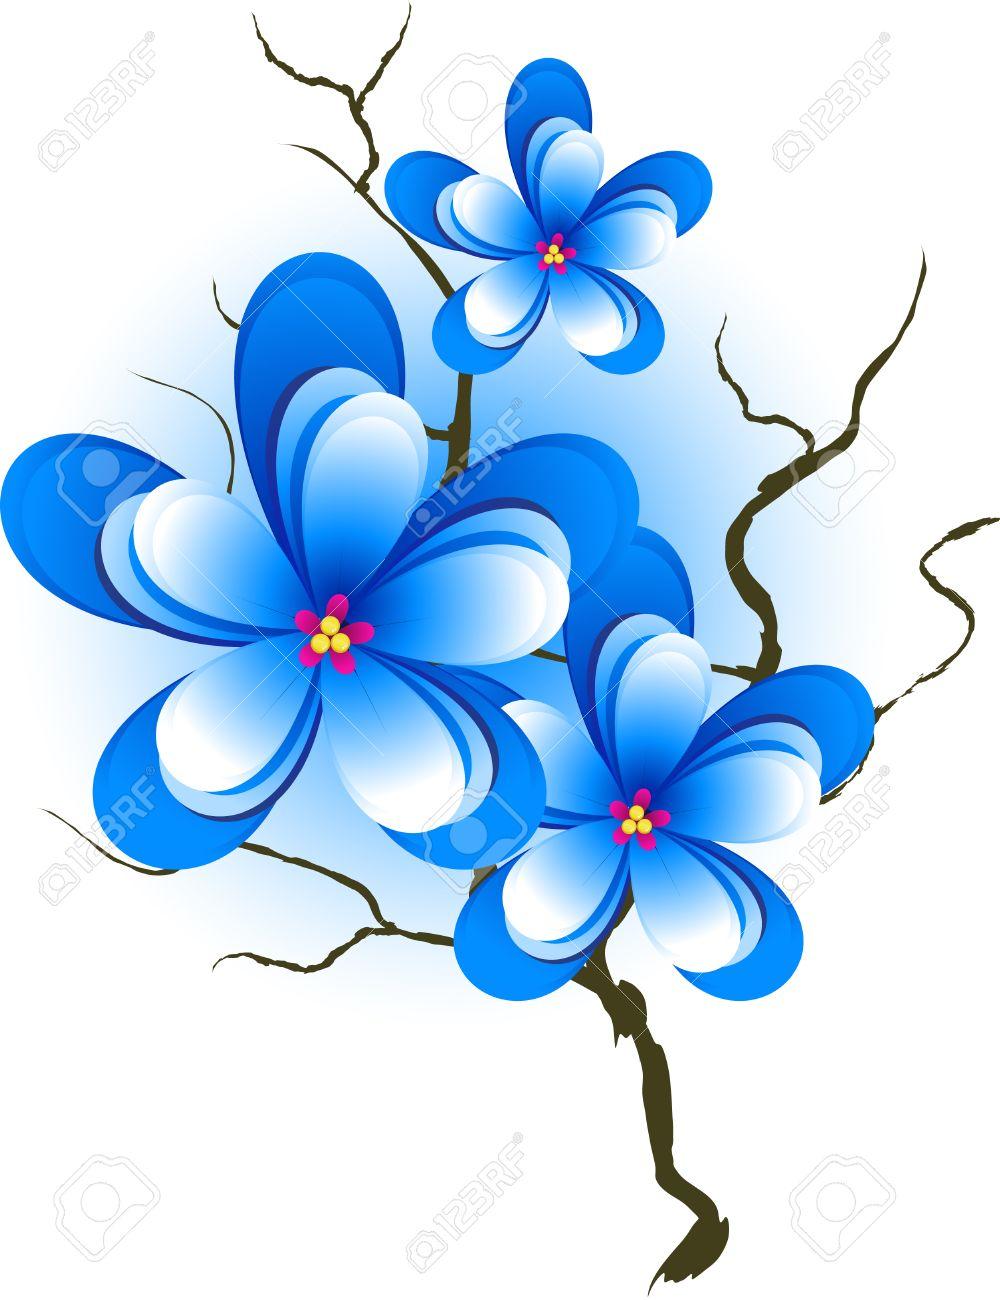 <<<Poemas de colores...>>> - Página 2 4315489-Elemento-de-dise-o-floral-rama-con-flores-azules-Foto-de-archivo